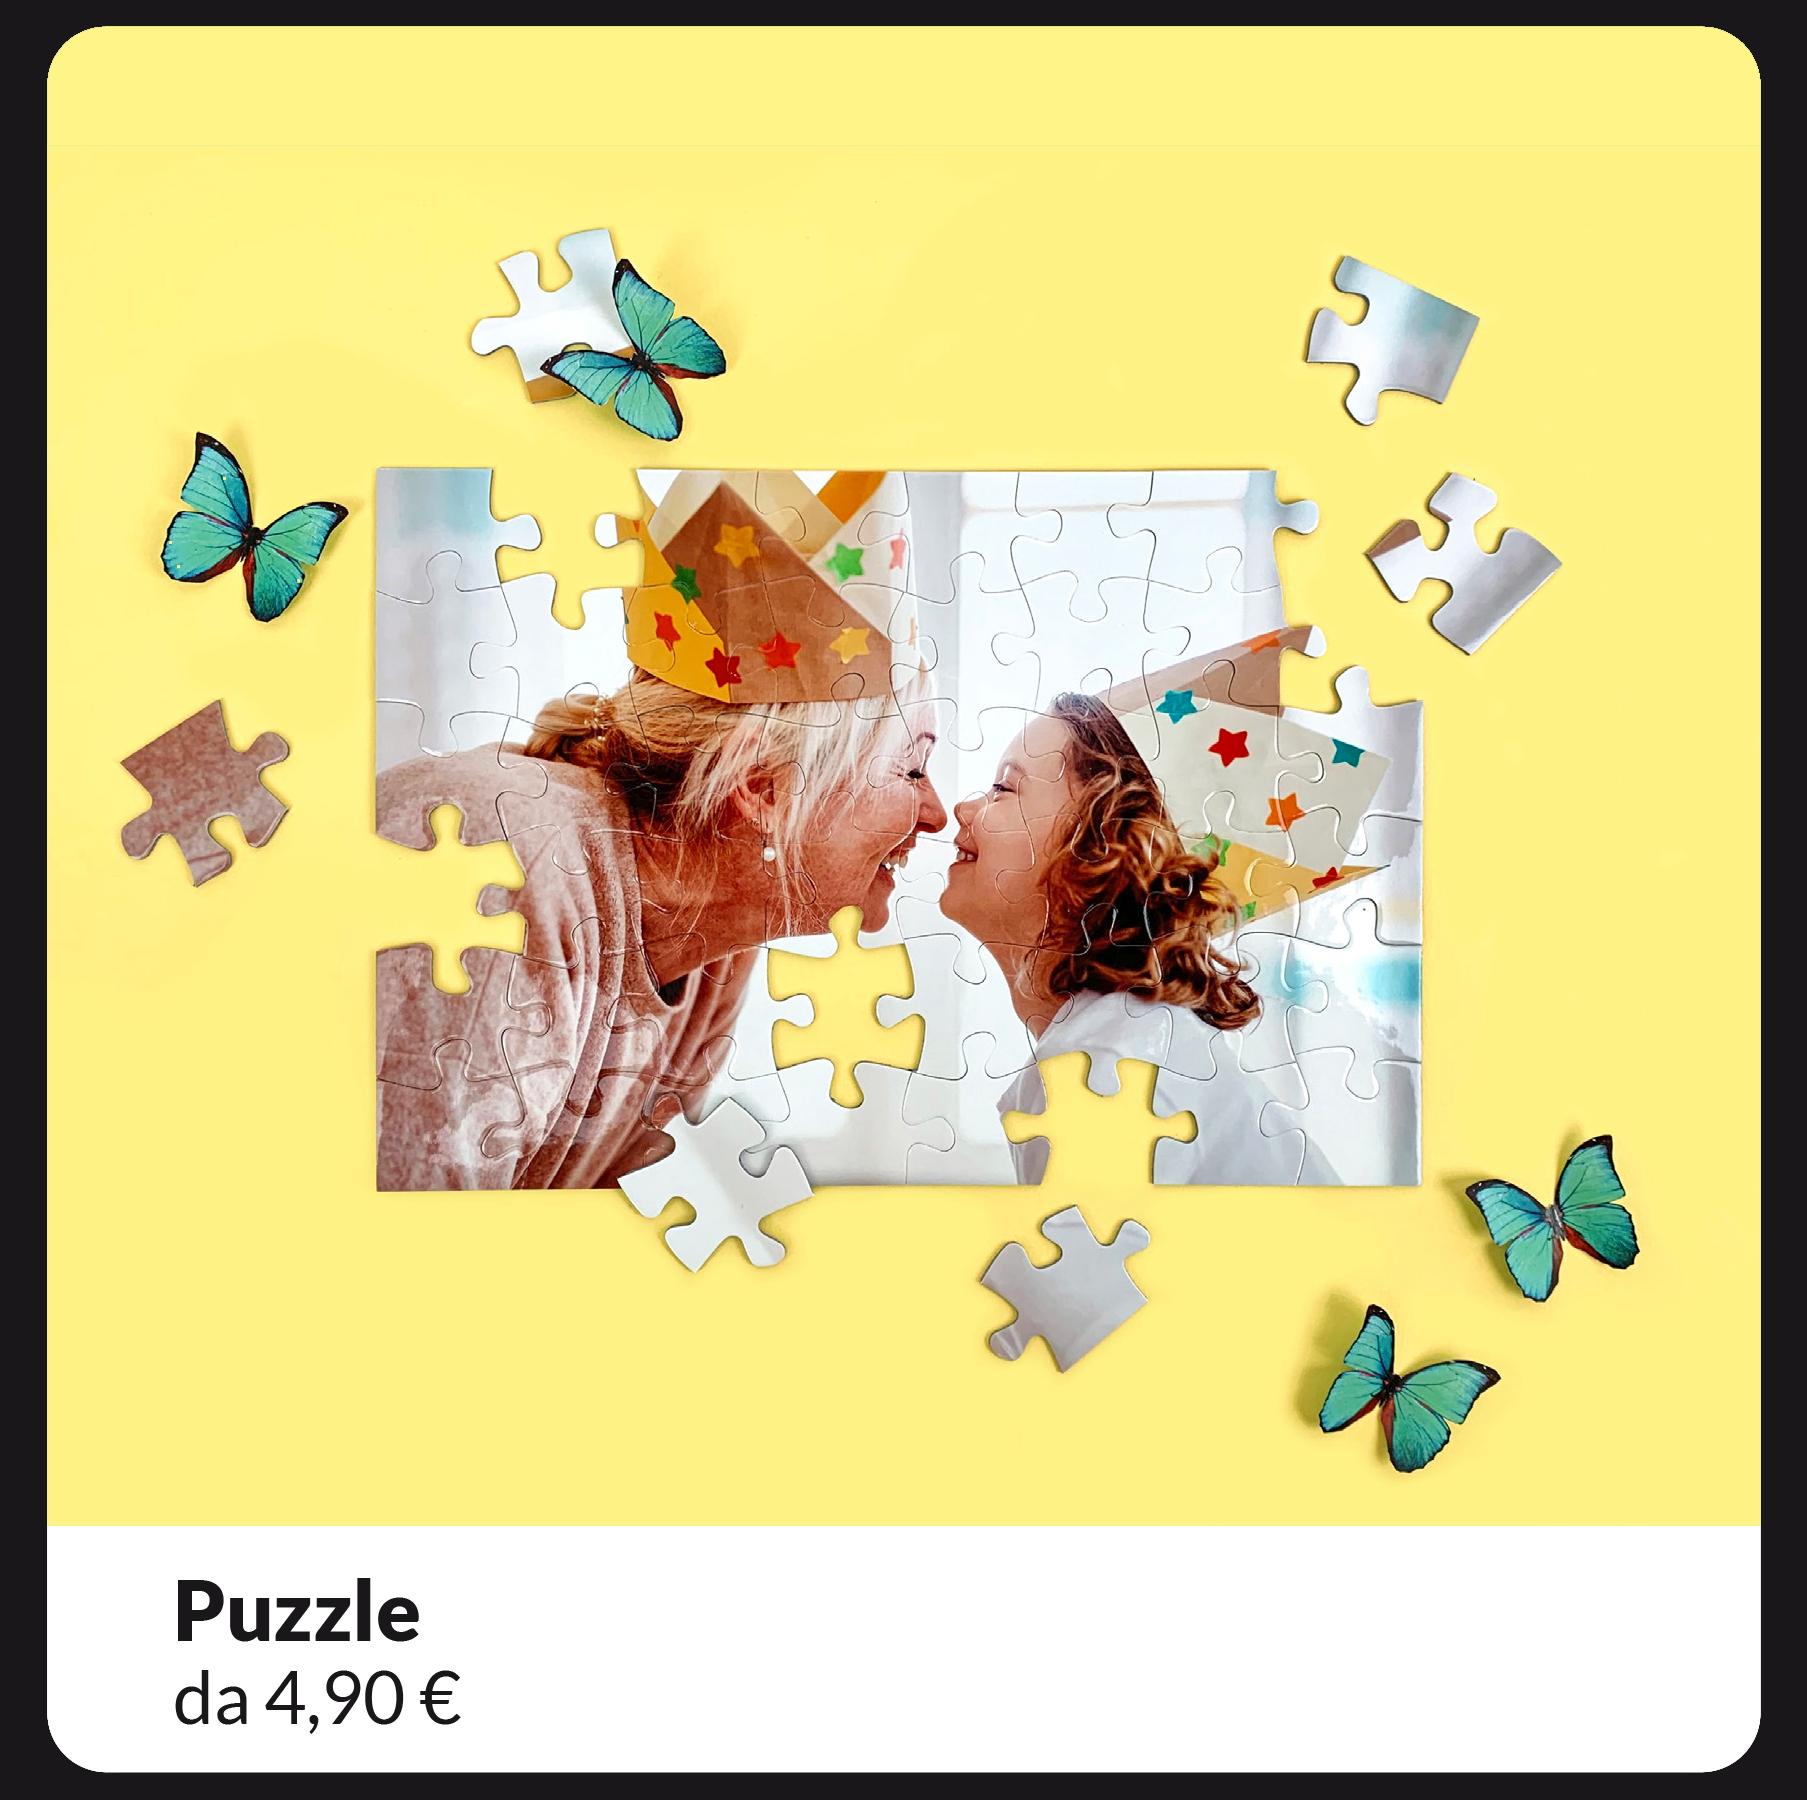 Centro_Ottico_Bua_Puzzle